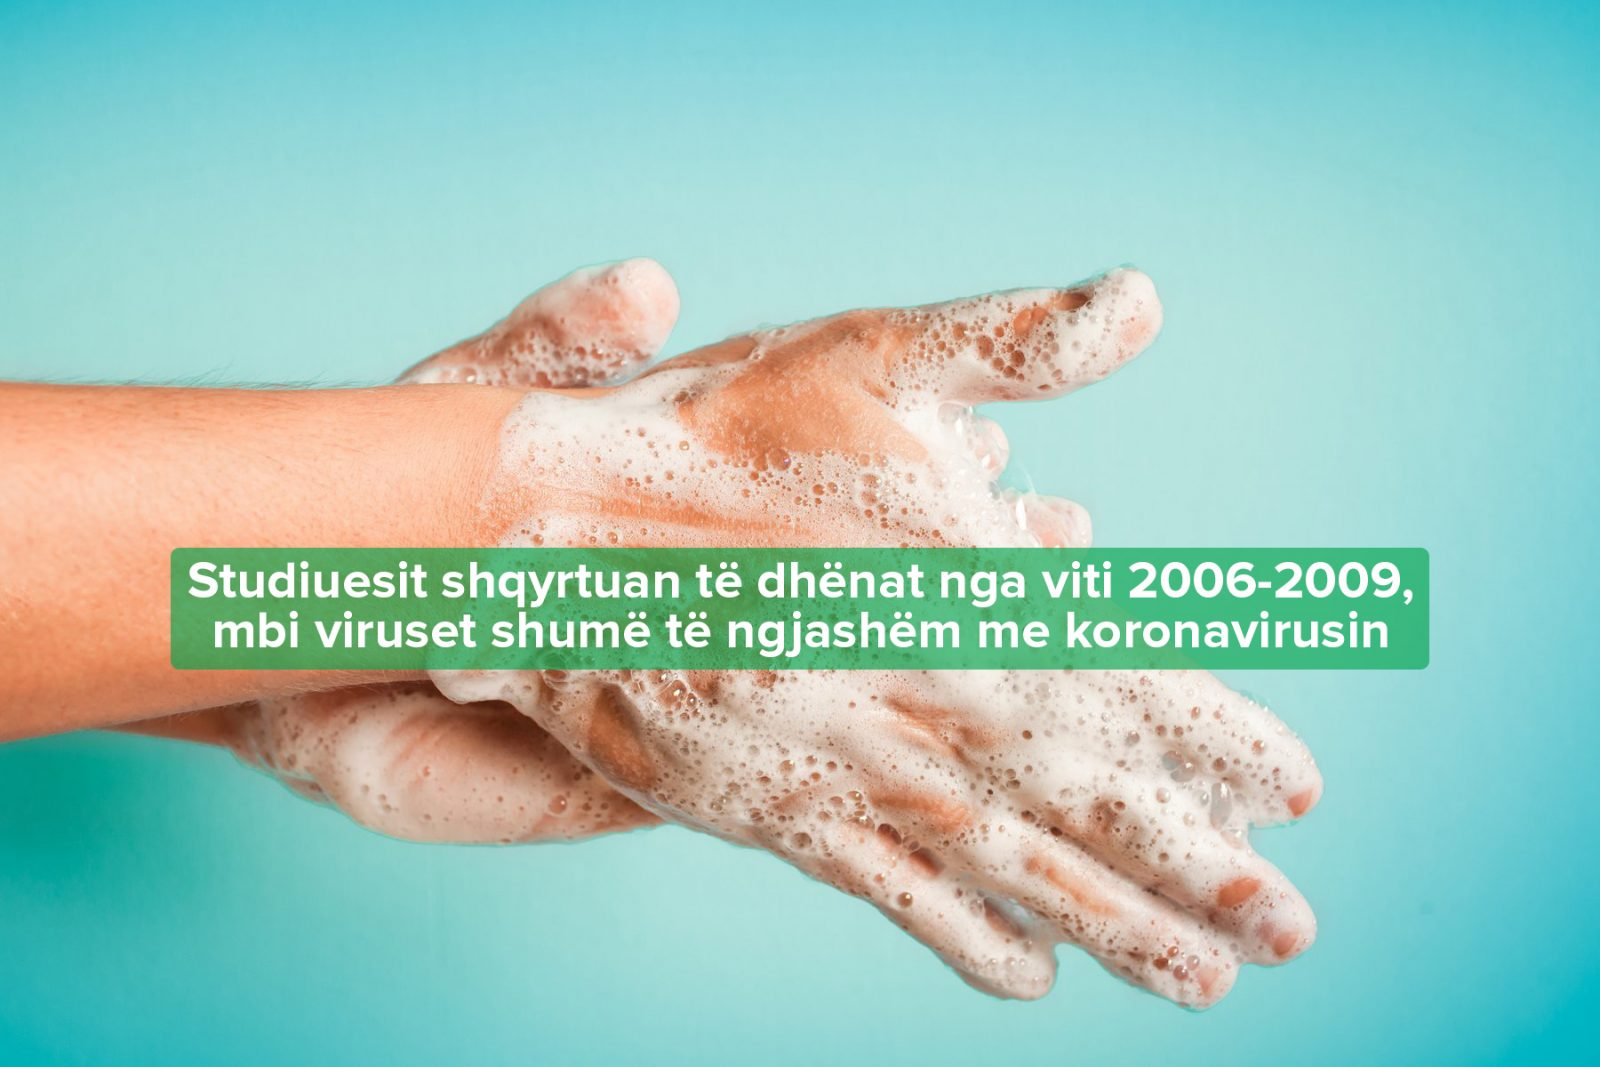 pastroni duart gjashte here ne dite koronavirusi